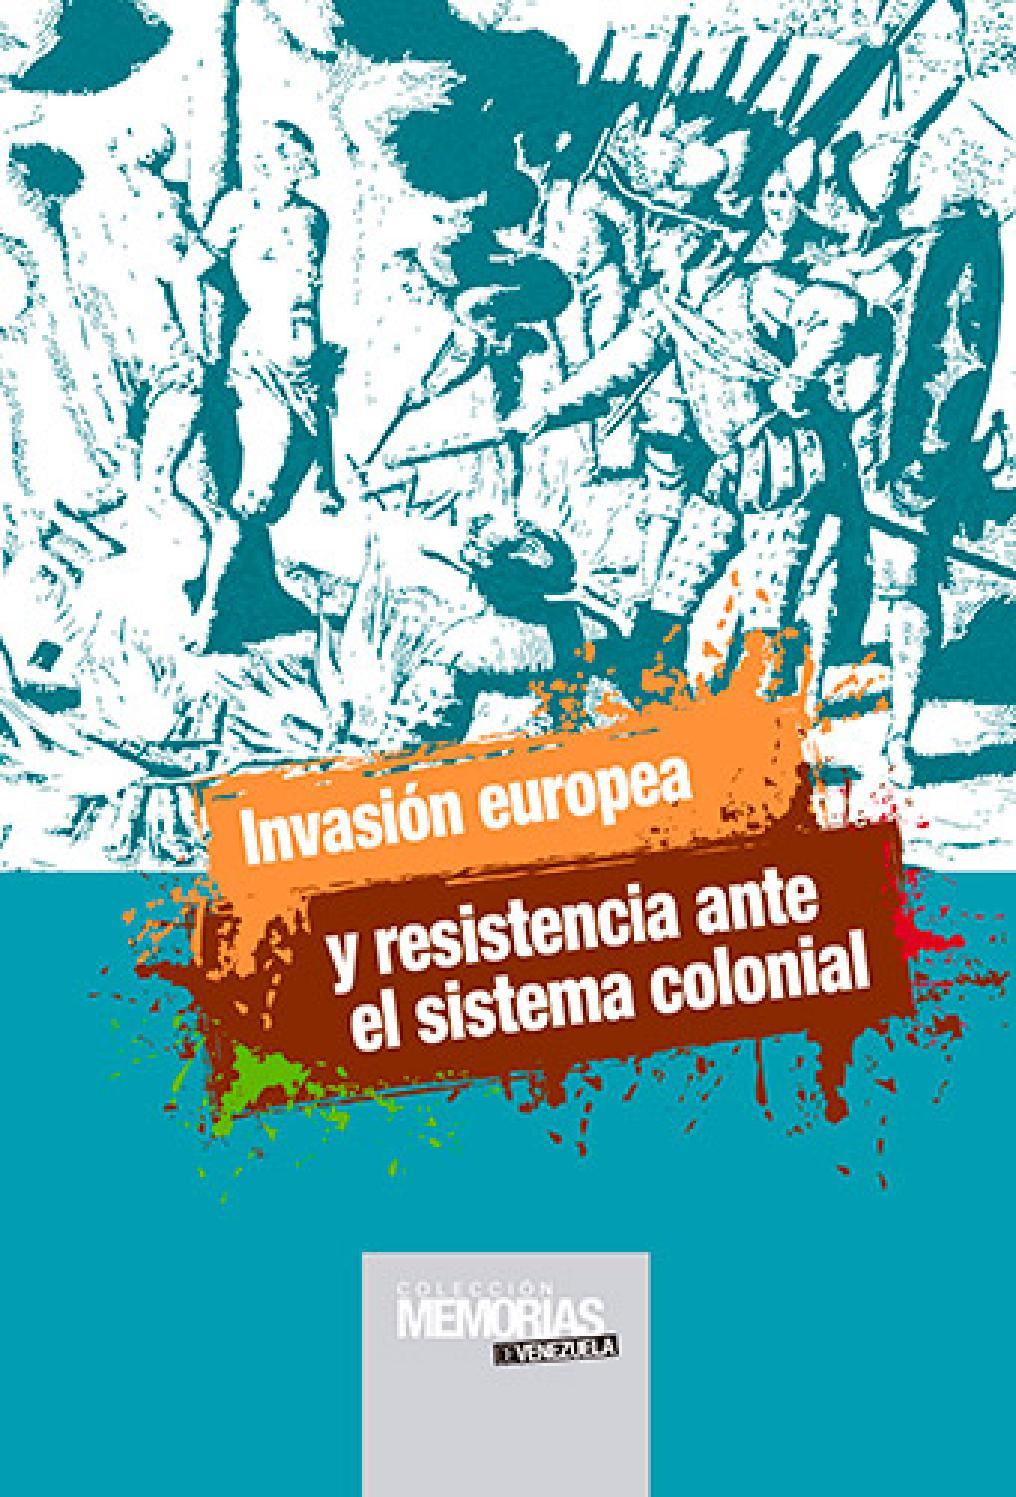 Invasión Europea Y Resistencia Ante El Sistema Colonial By Fundación